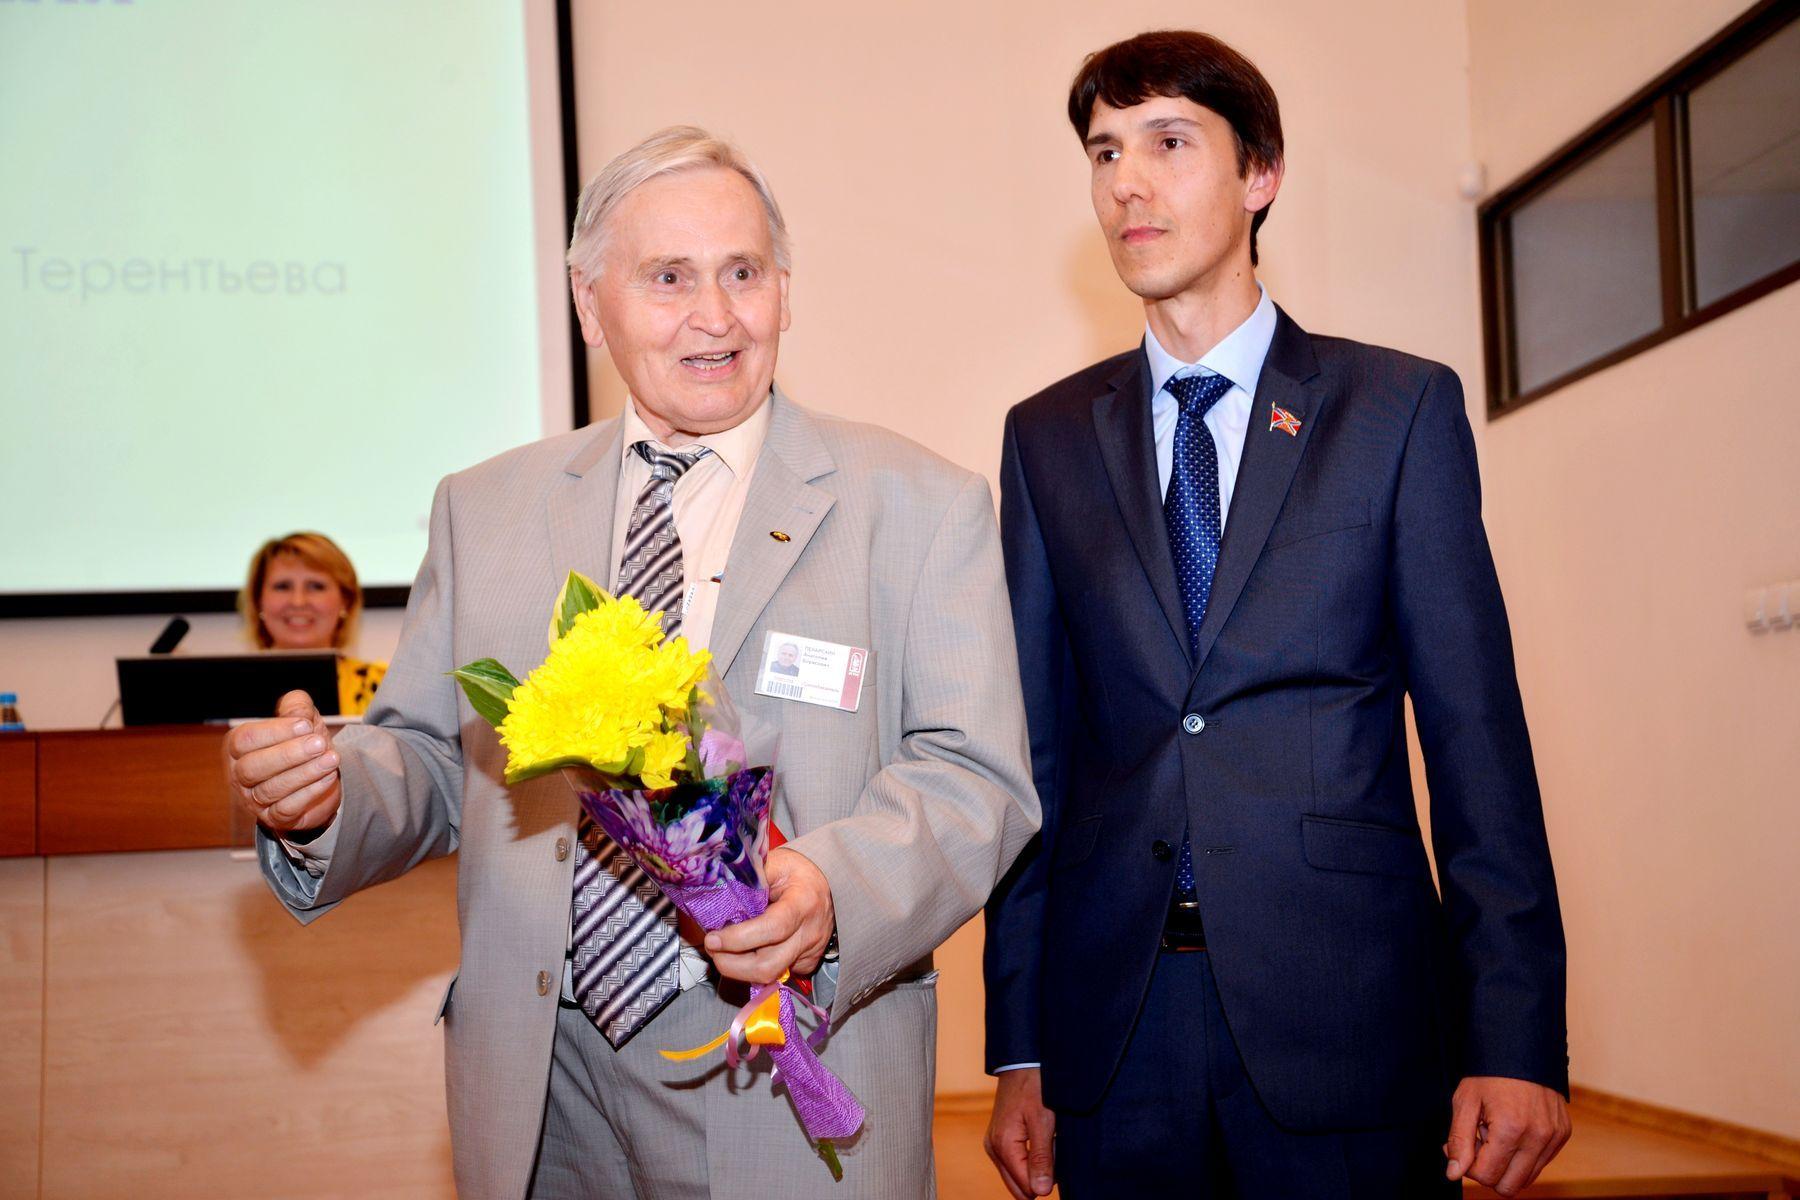 Поздравляем ректора и преподавателей ВГУЭС с получением почётных наград!